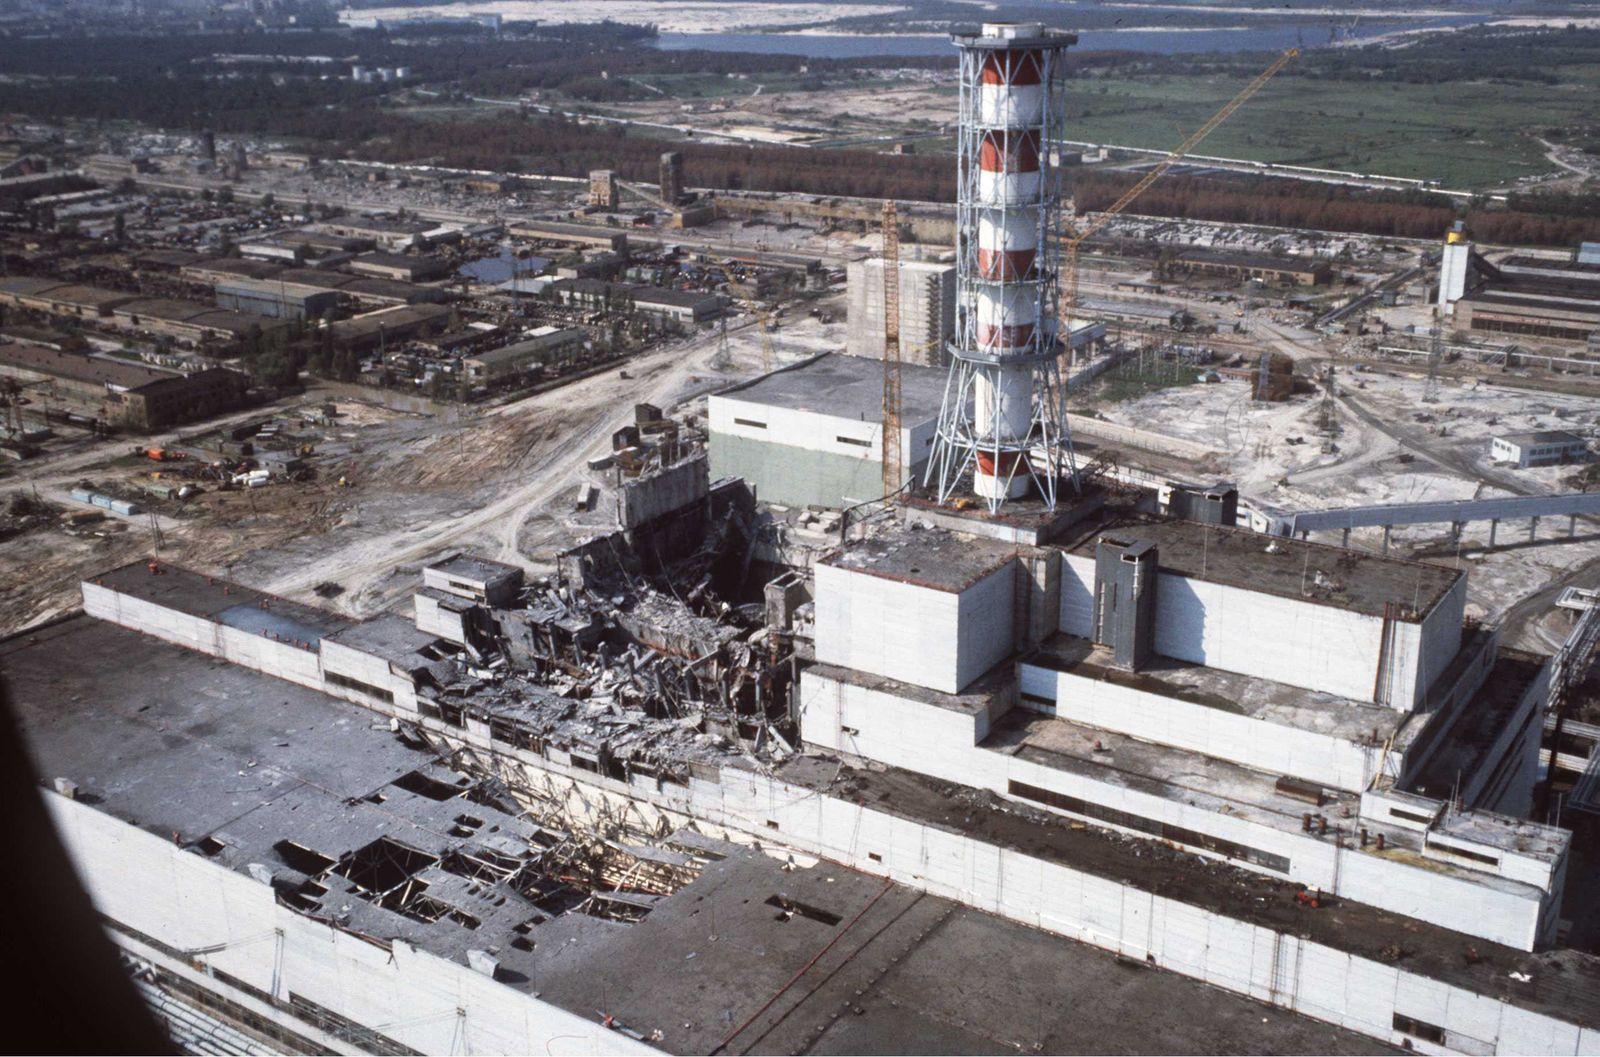 Chernobyl accident April 25-26,1986. Tchernobyl nuclear power station